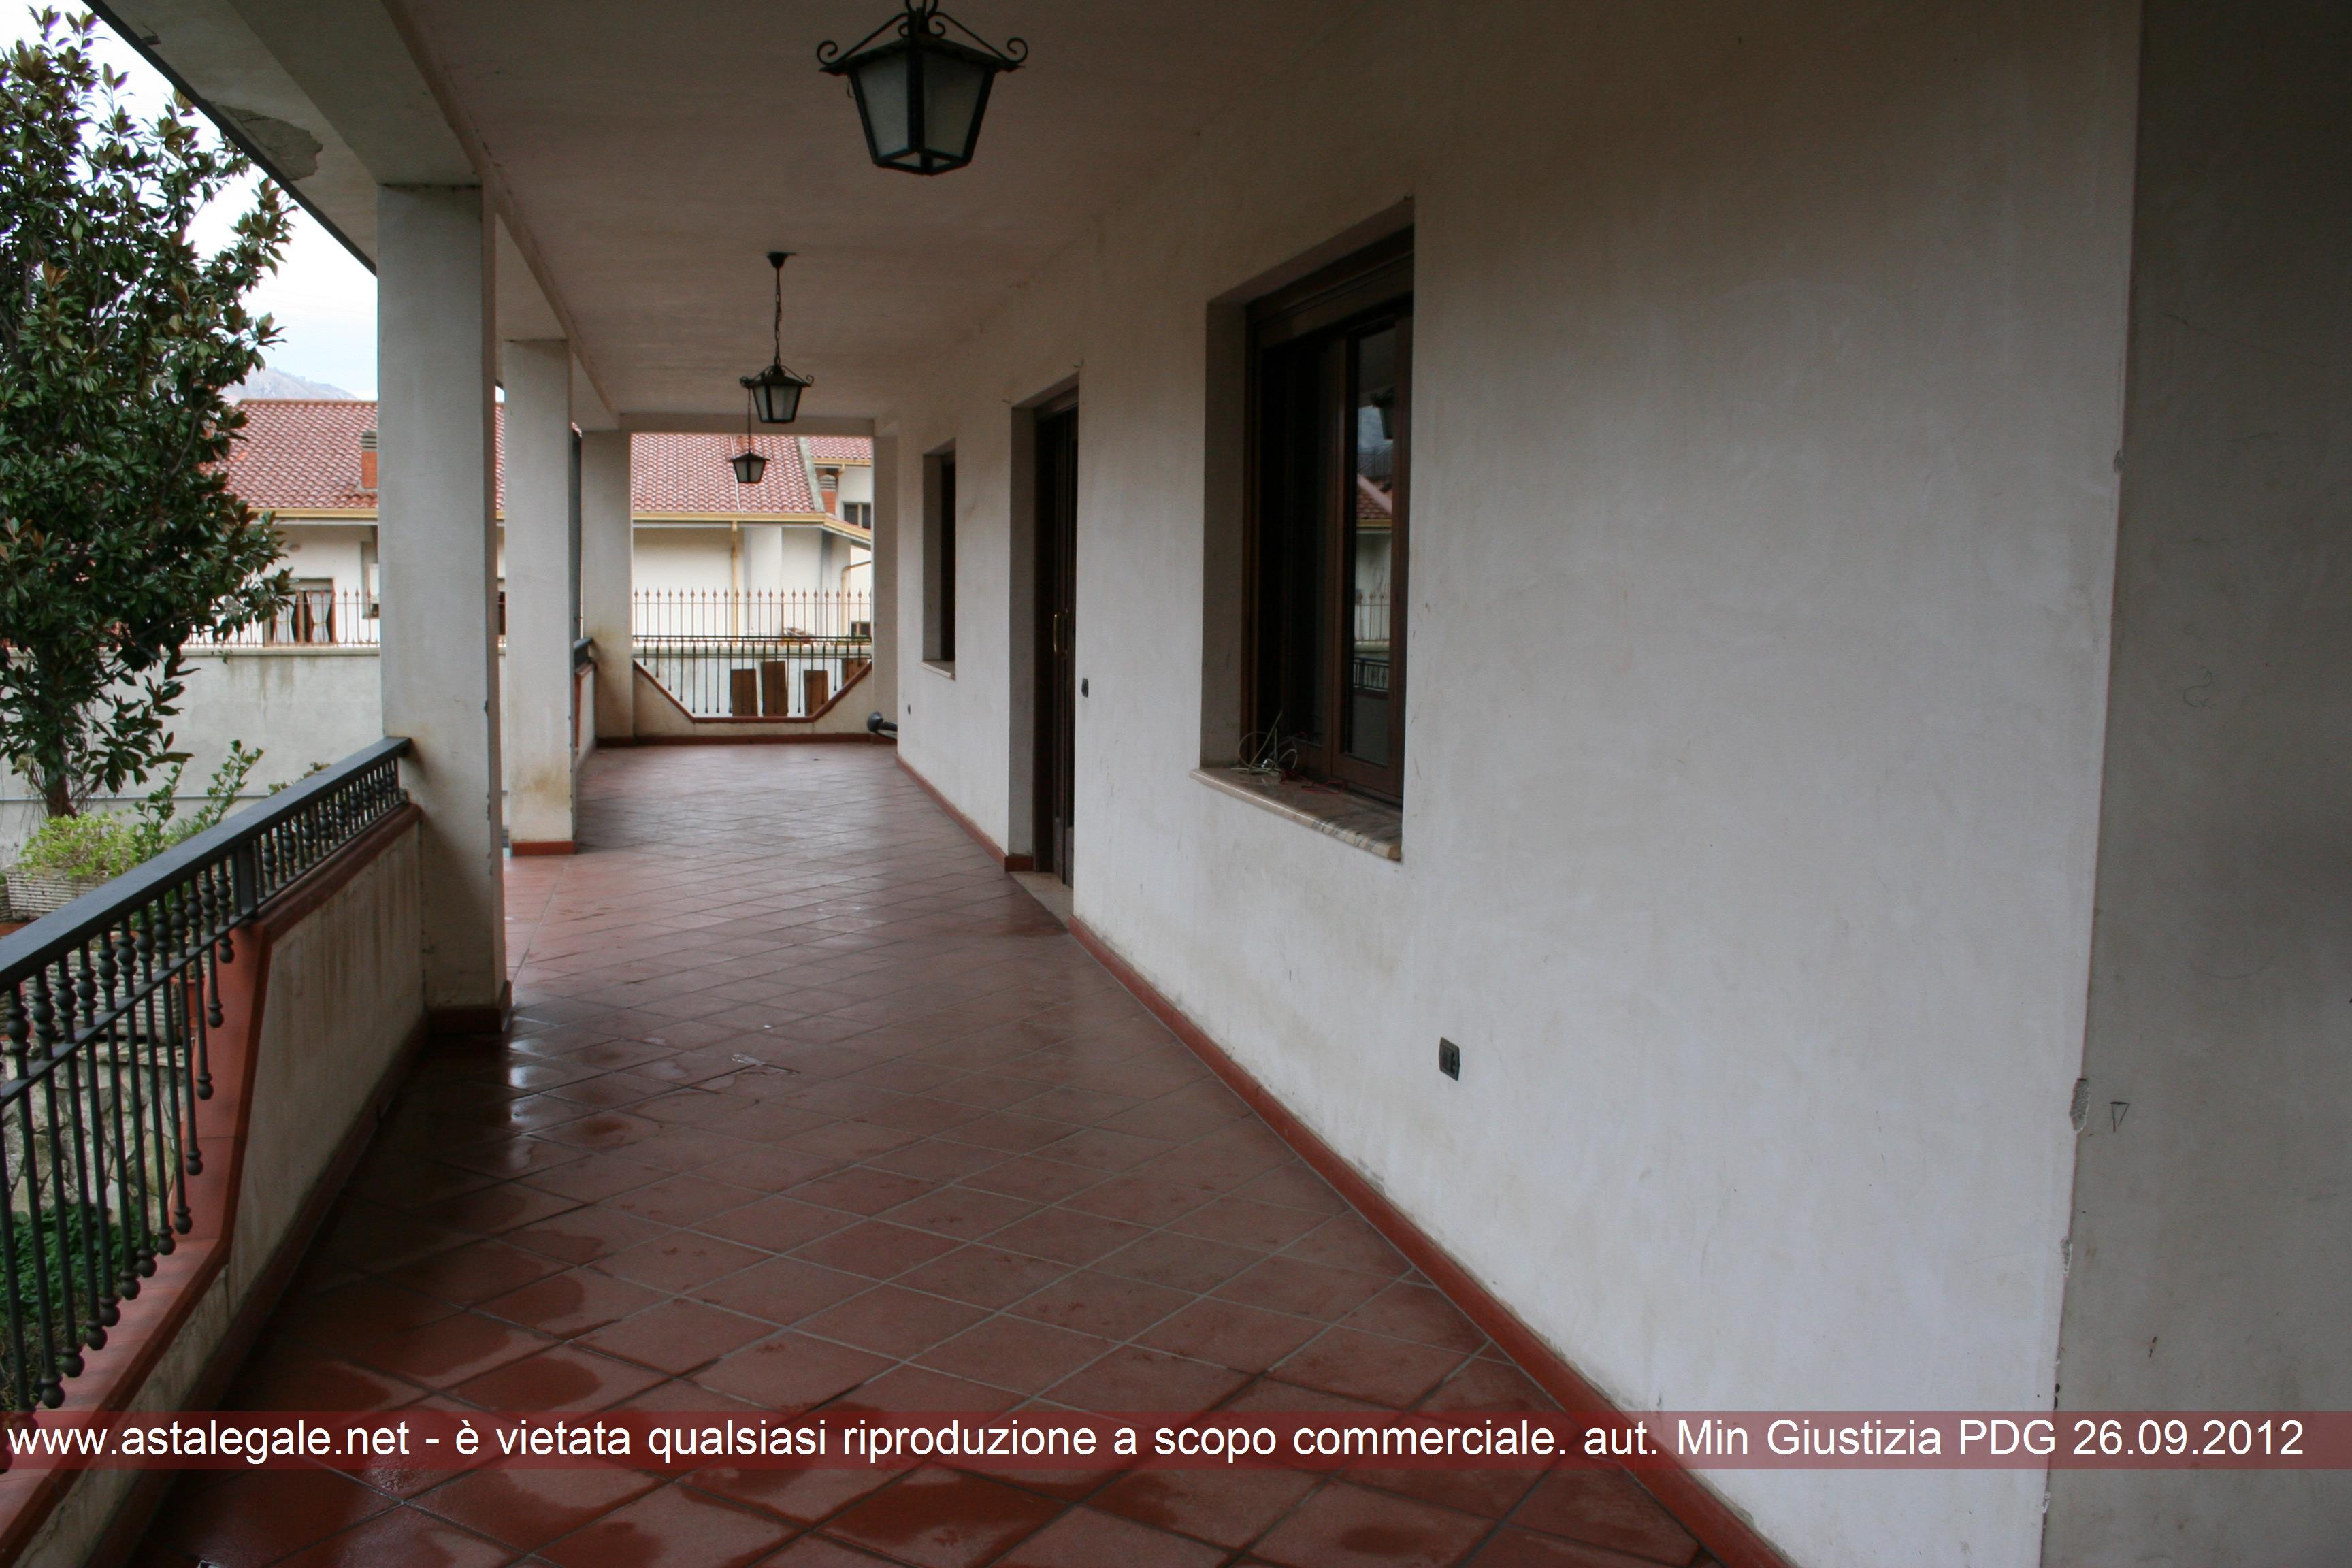 Rotondi (AV) Via G. Del Balzo 233/bis